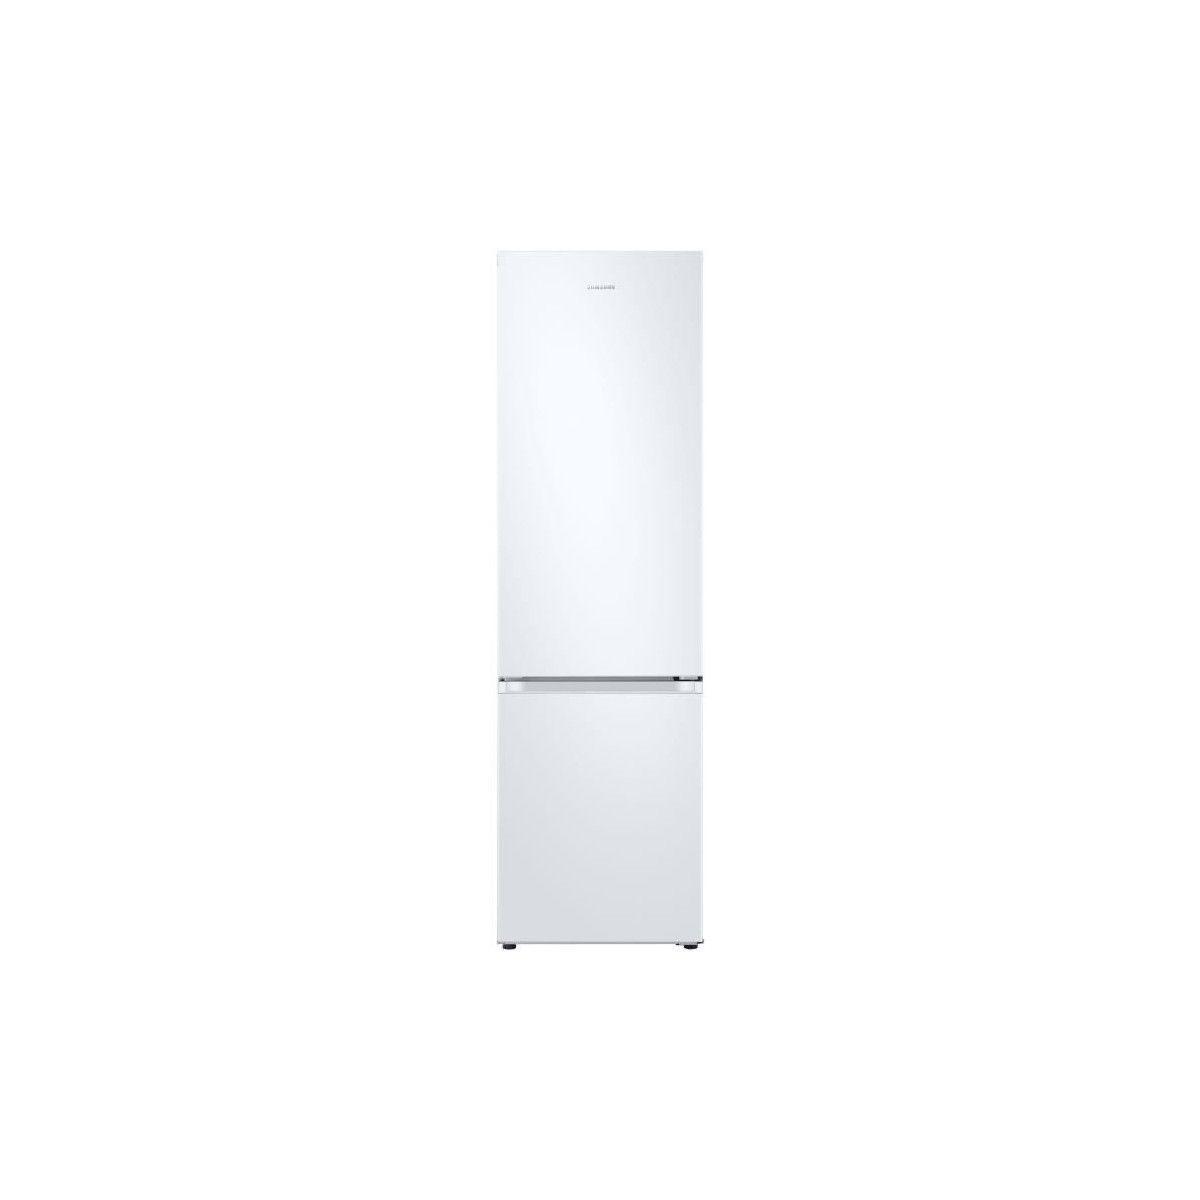 Samsung Réfrigérateur Combiné 385l Froid Ventilé Samsung A+++, Sam8806090562402